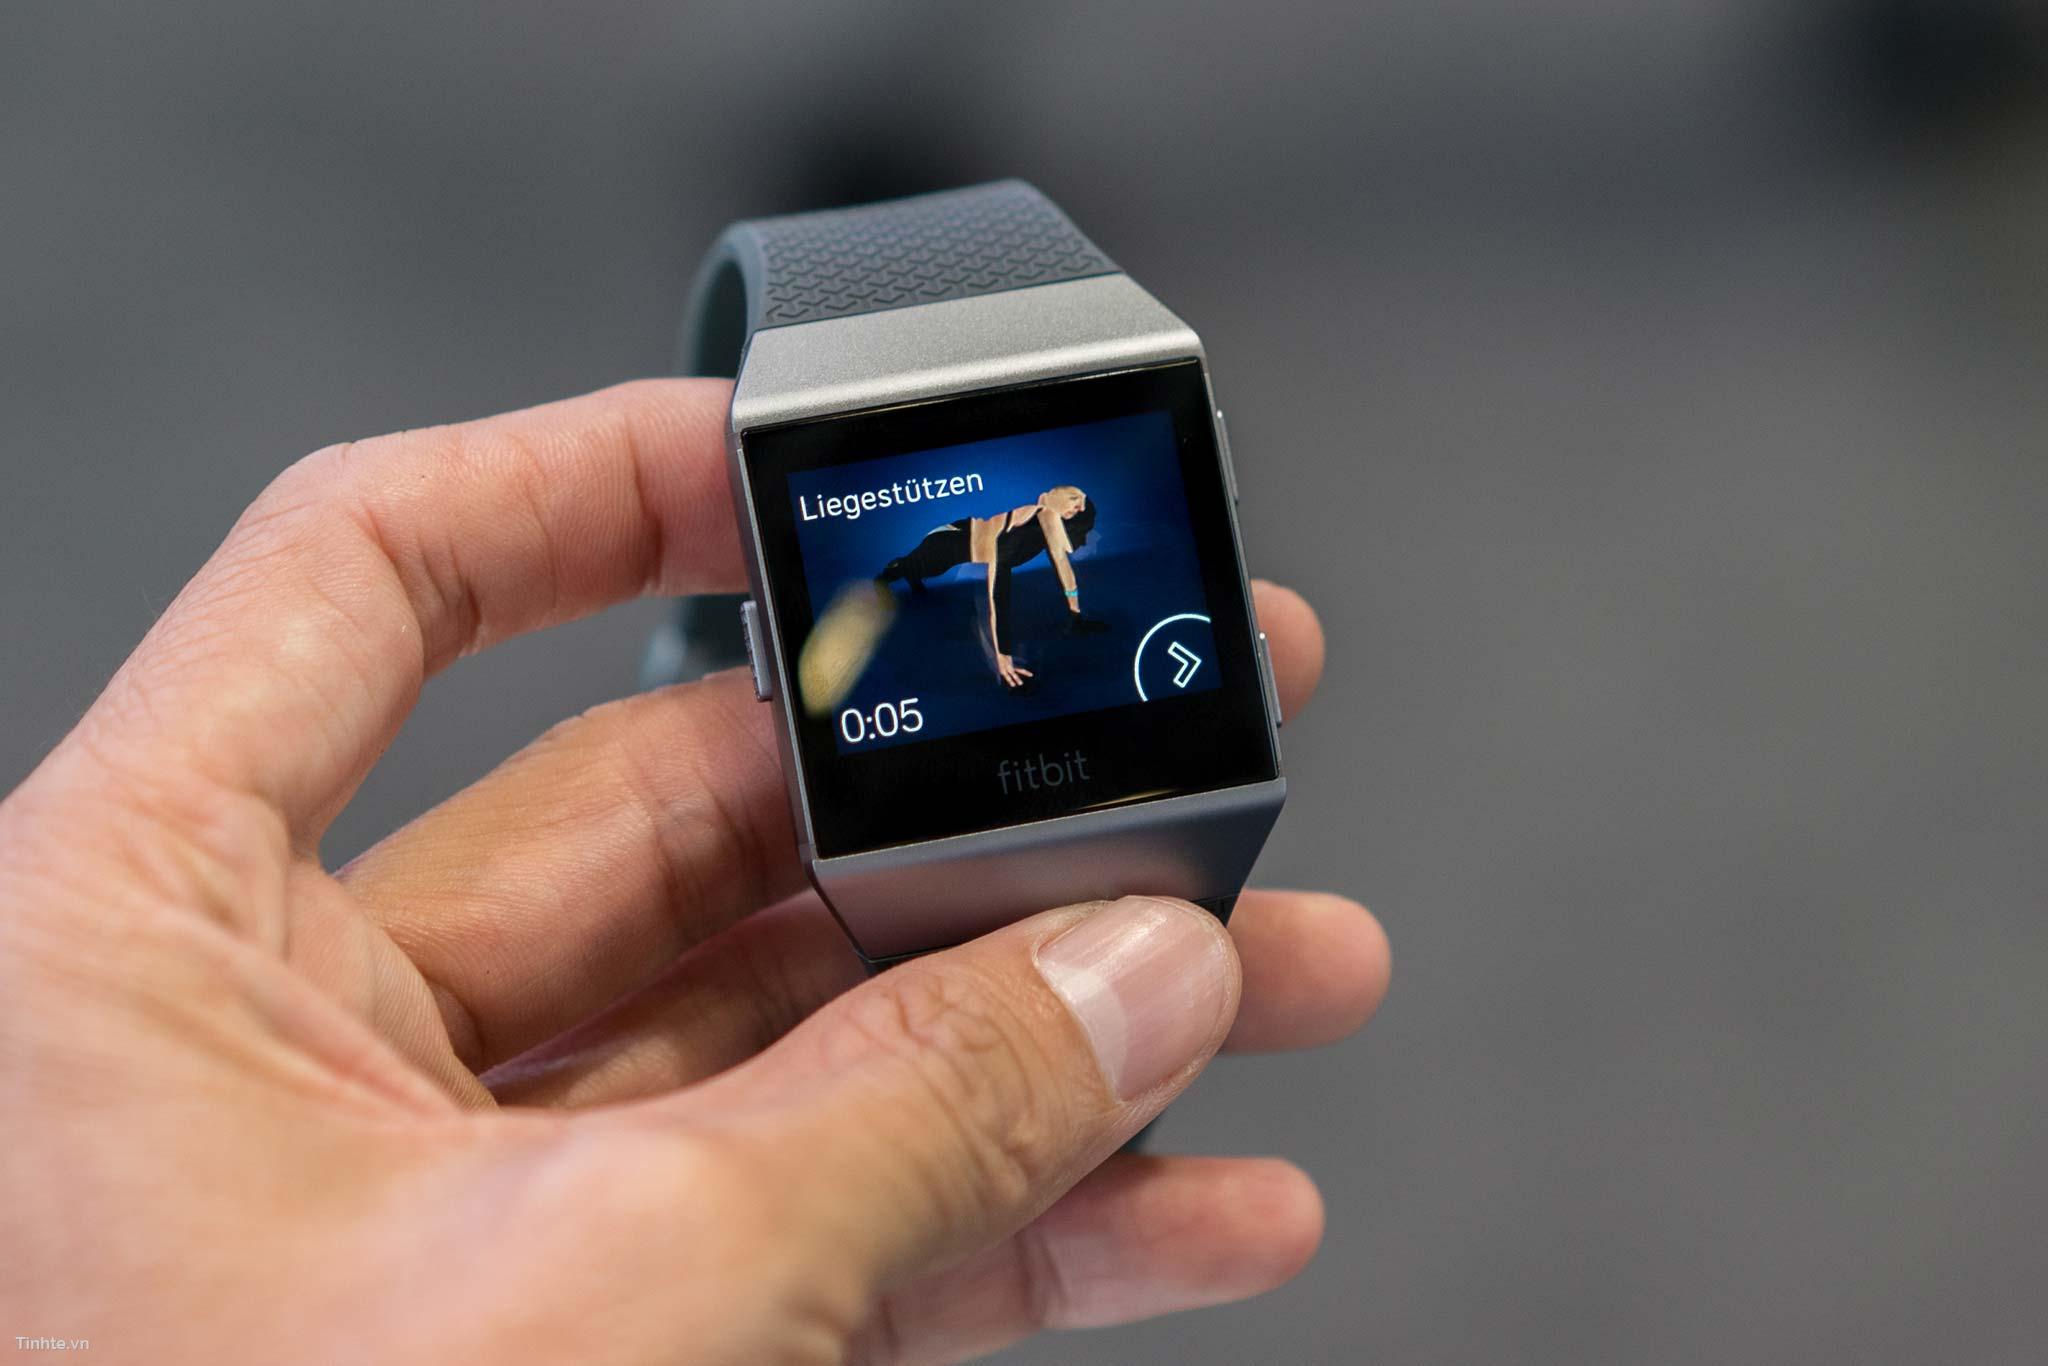 Đang tải Fitbit-ionic-18.jpg…